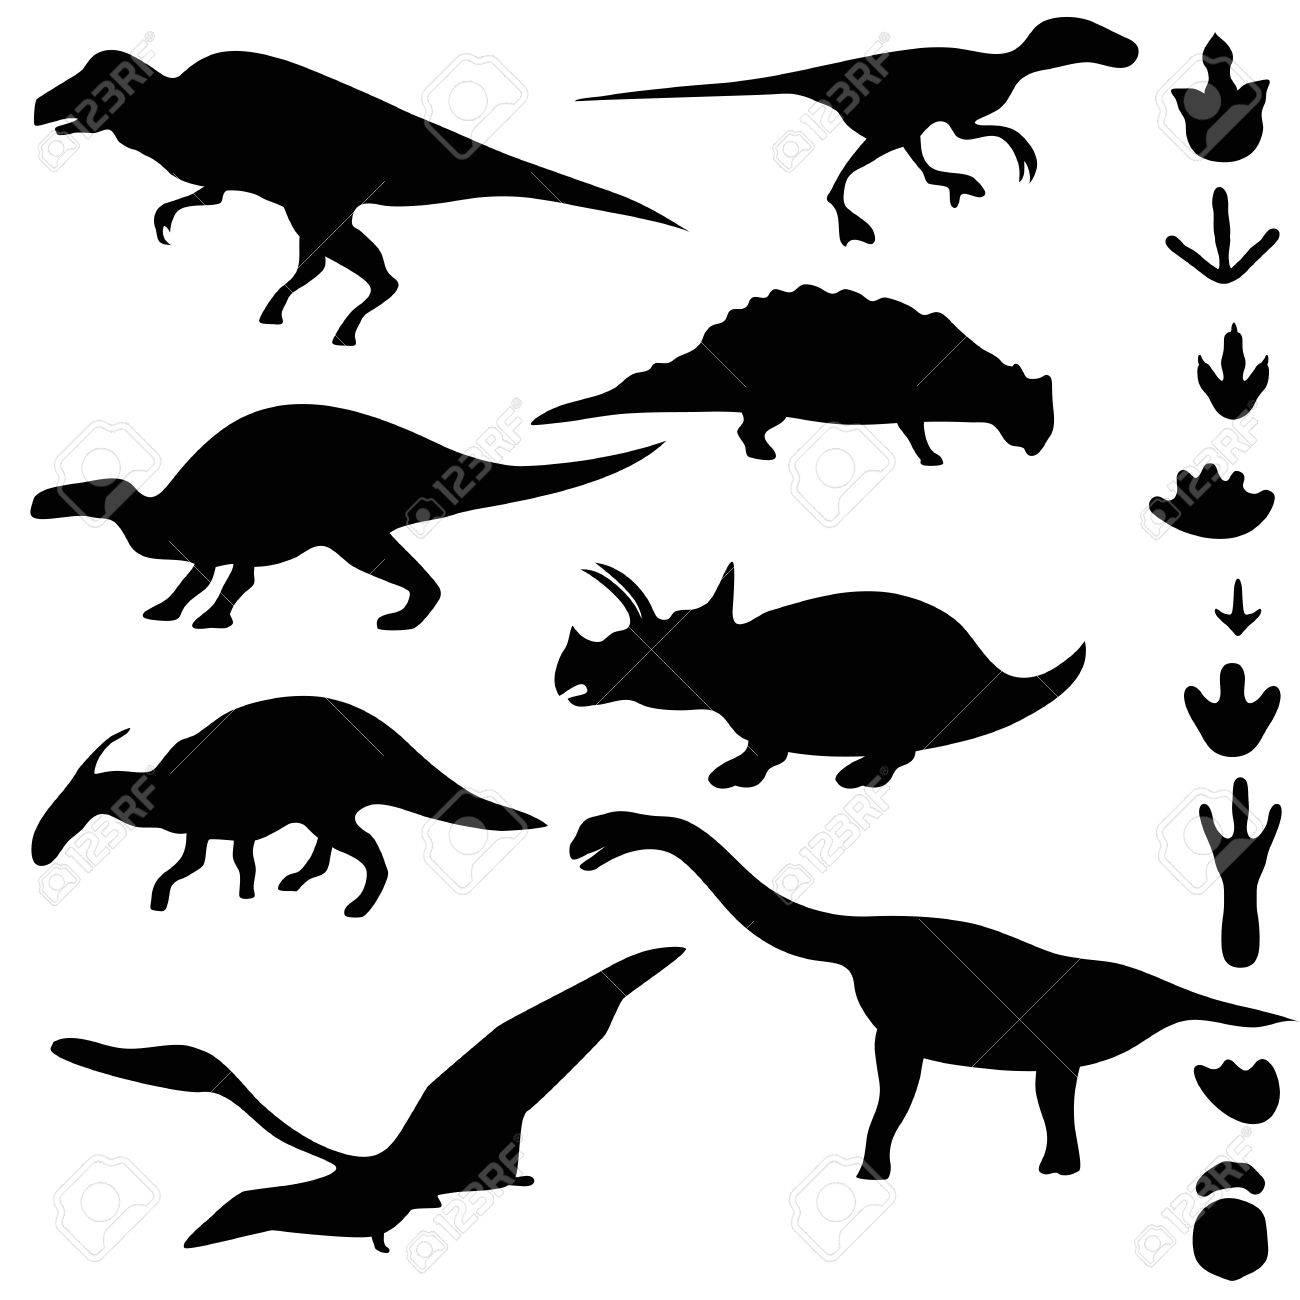 Las Signaturas De Los Dinosaurios Y Huellas De Dinosaurios Coleccion De Siluetas De Dinosaurios Ilustraciones Vectoriales Clip Art Vectorizado Libre De Derechos Image 66448758 15 july 2016 · hermosillo, mexico ·. las signaturas de los dinosaurios y huellas de dinosaurios coleccion de siluetas de dinosaurios